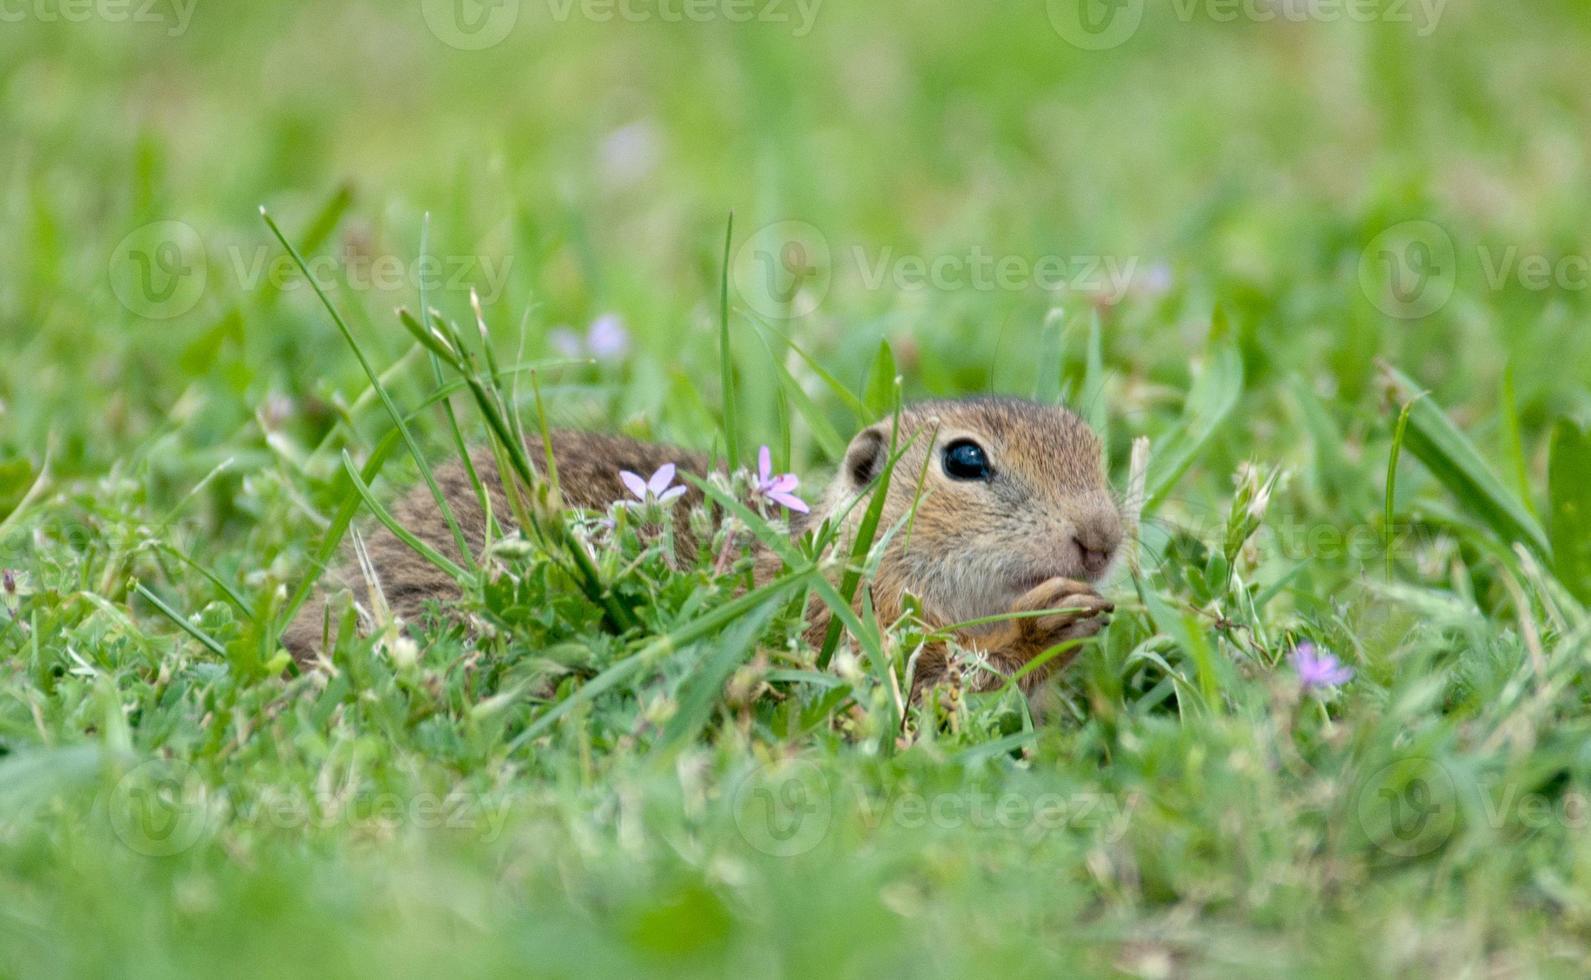 Europäisches Grundeichhörnchen im Gras versteckt foto